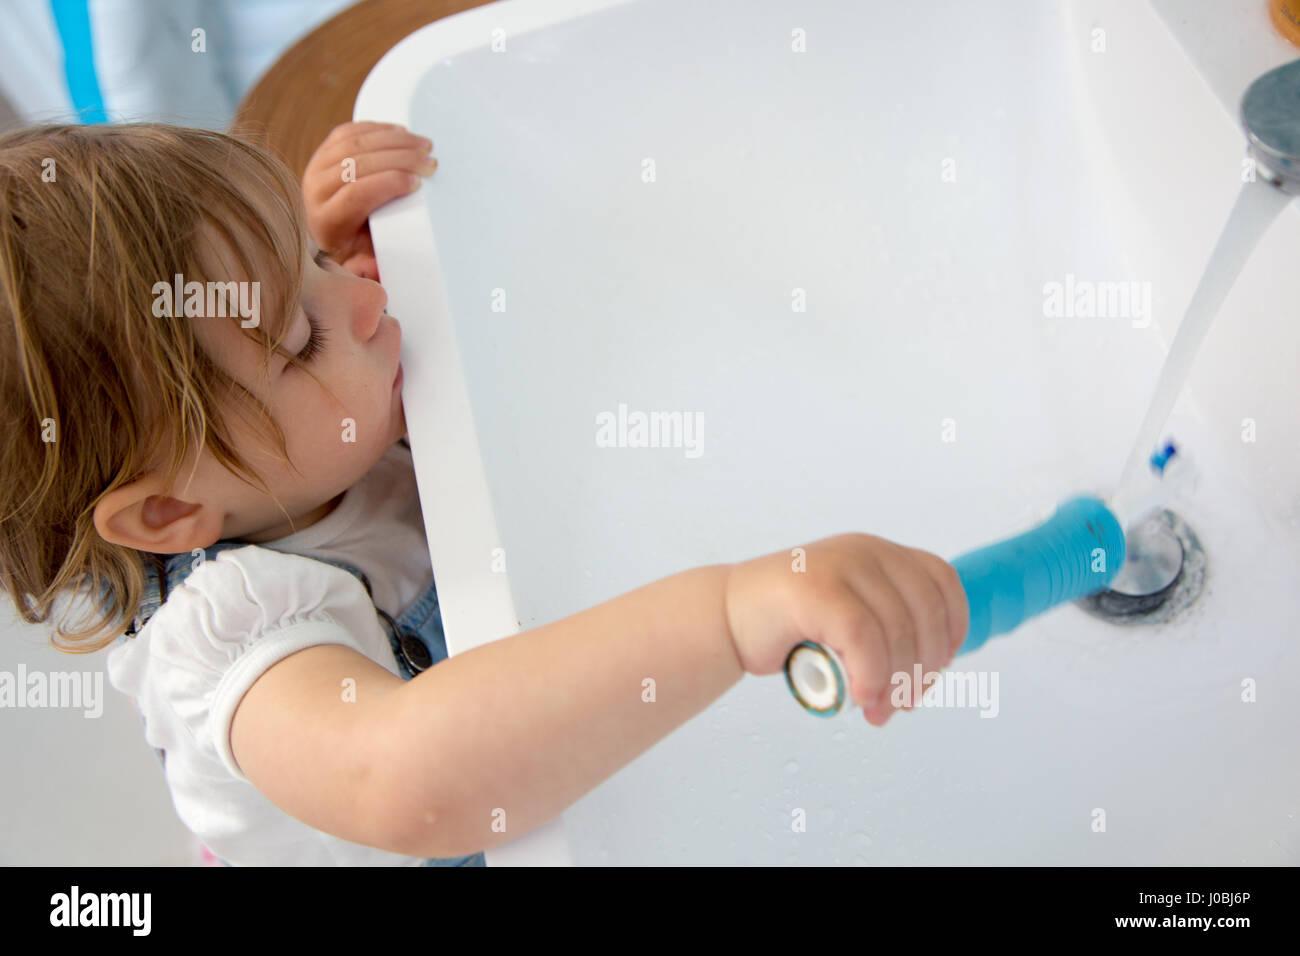 Niña Niño cepillarse los dientes con un cepillo de dientes eléctrico de  adultos. c4c5f464ebe9